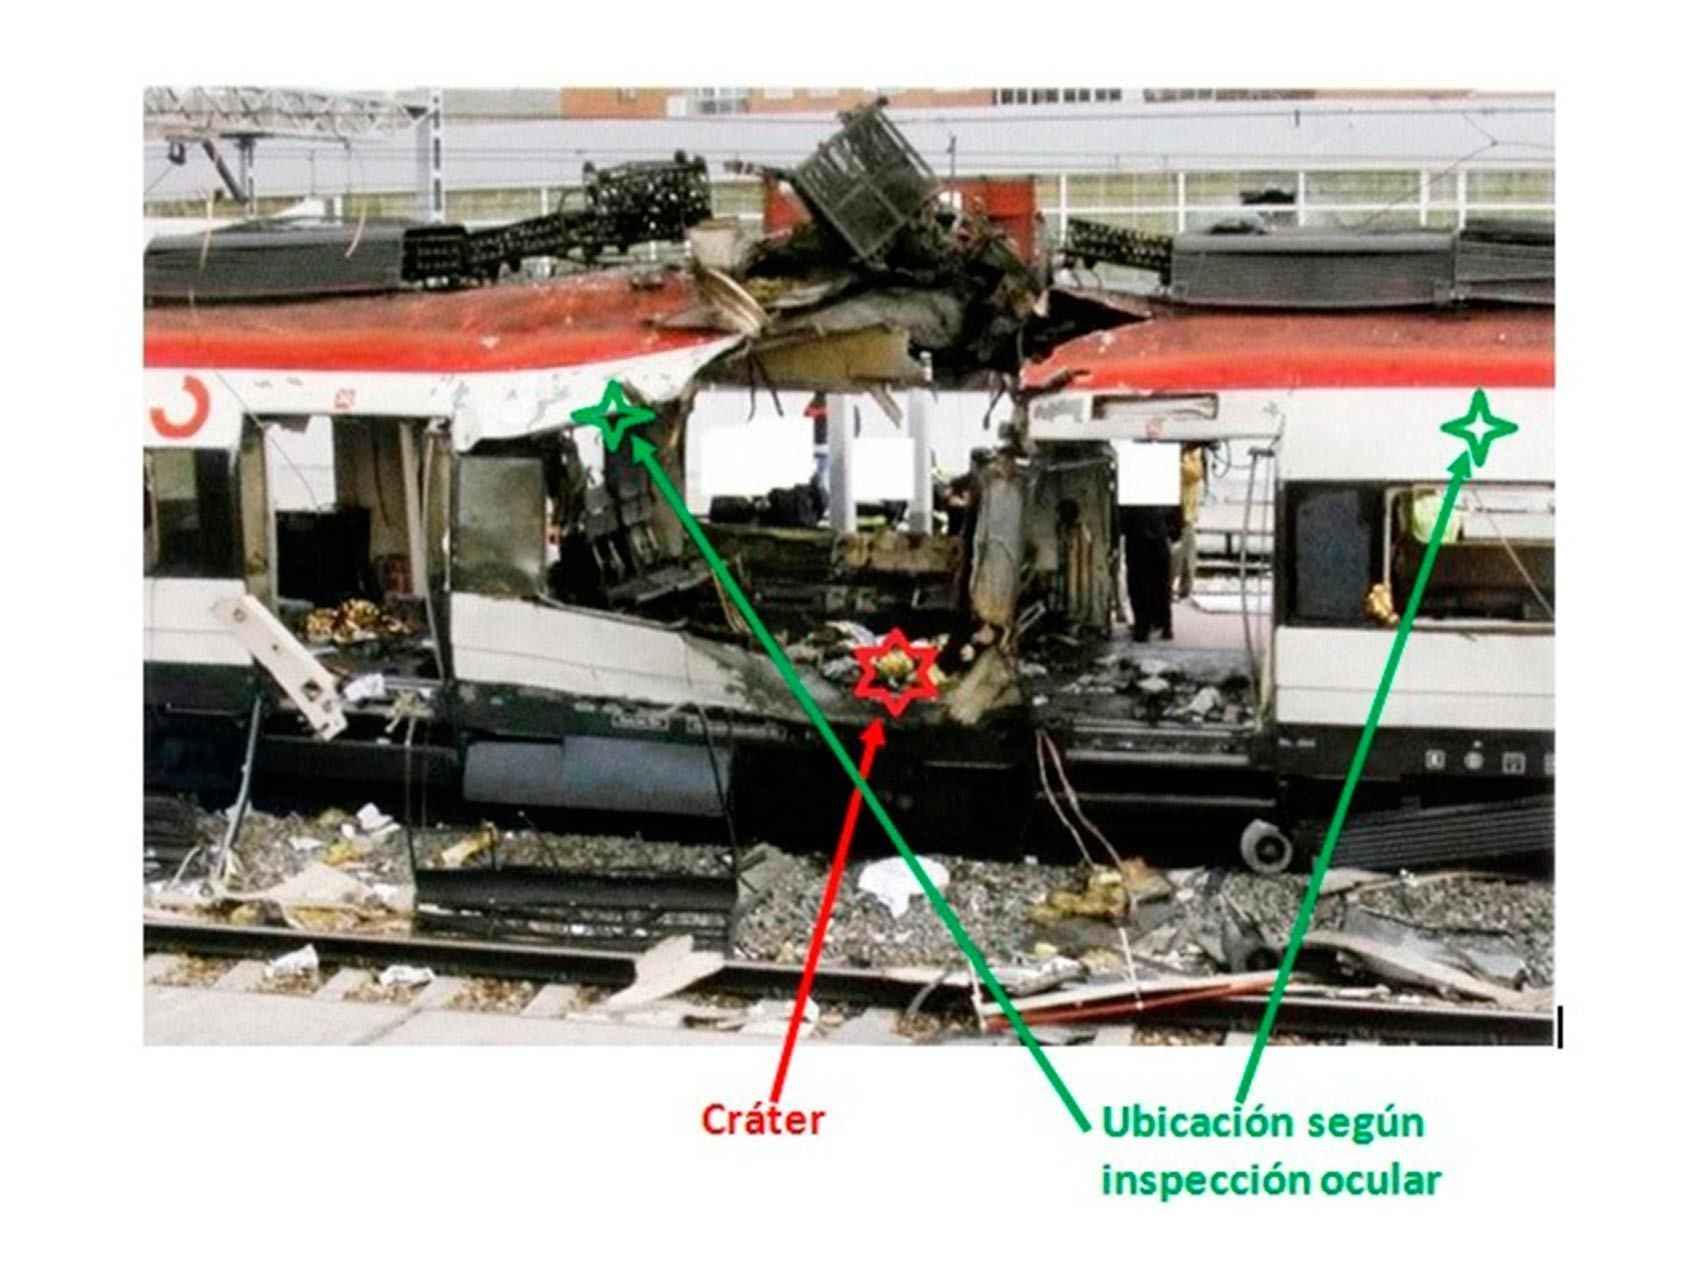 Las dos posibles ubicaciones de la bomba, según la inspección ocular, y el lugar donde estalló.